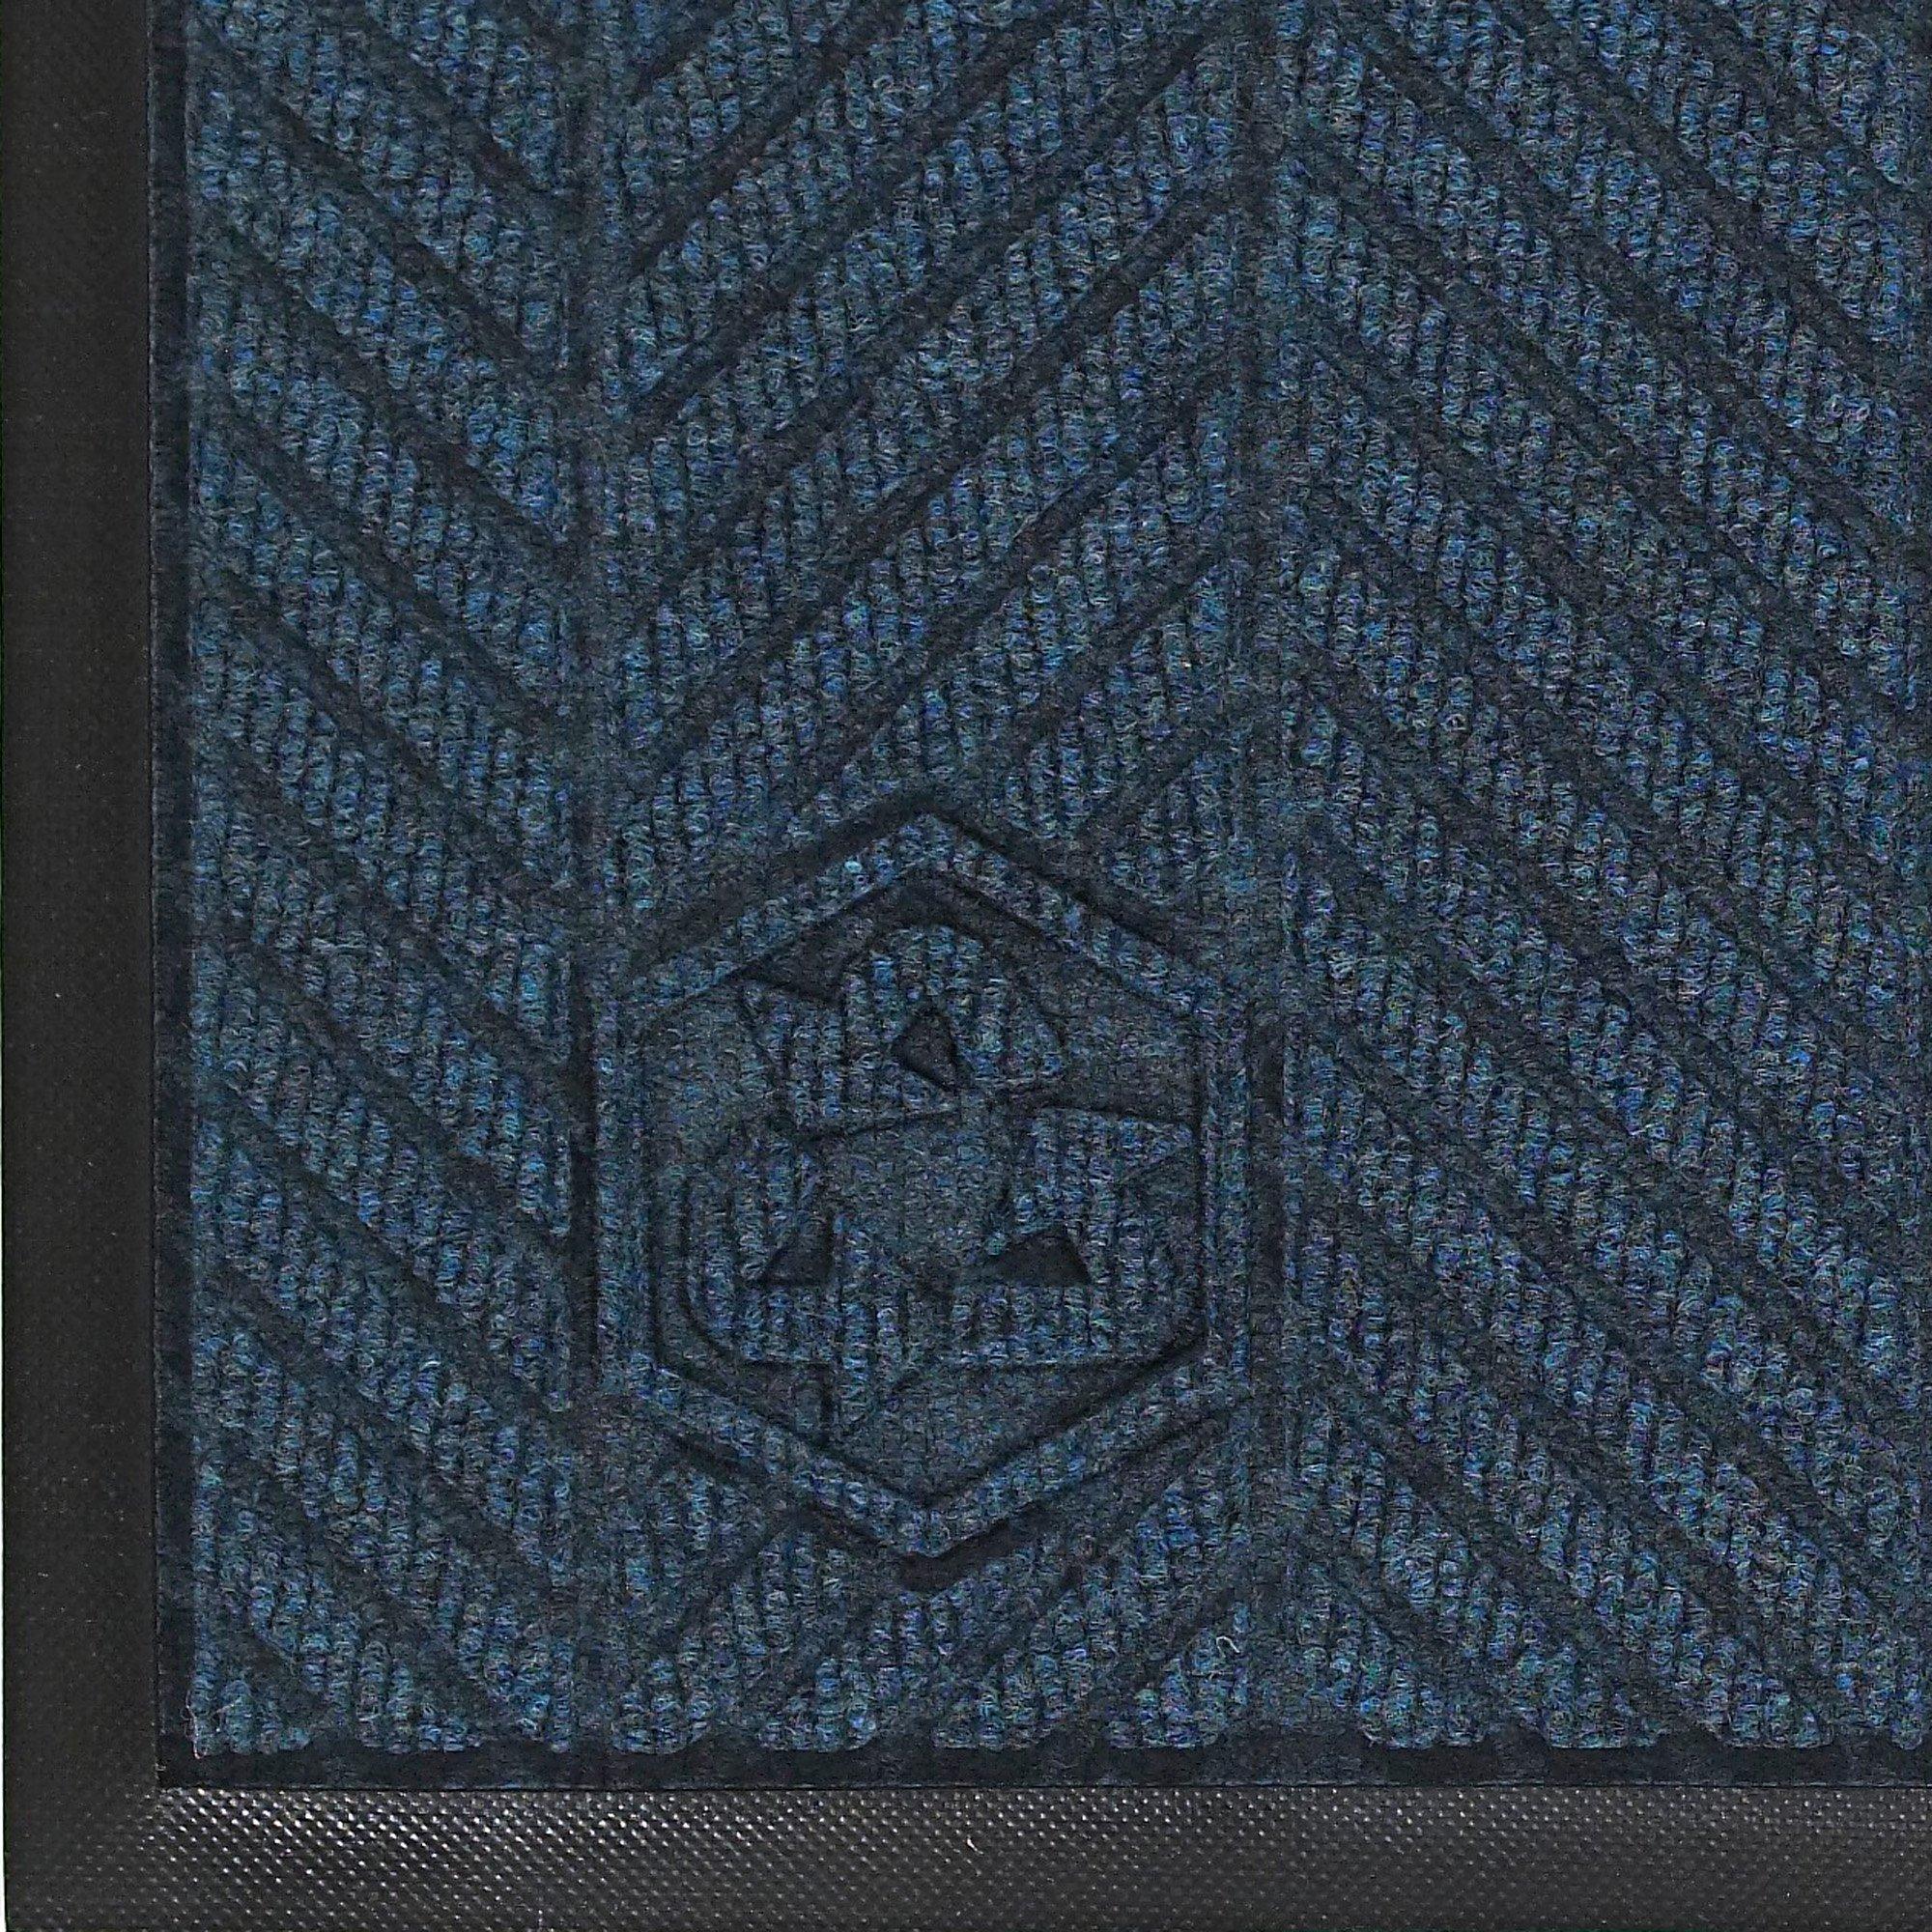 Andersen 2240 Waterhog Eco Elite PET Polyester Fiber Indoor/Outdoor Floor Mat, SBR Rubber Backing, 8.4' Length x 3' Width, 3/8'' Thick, Indigo